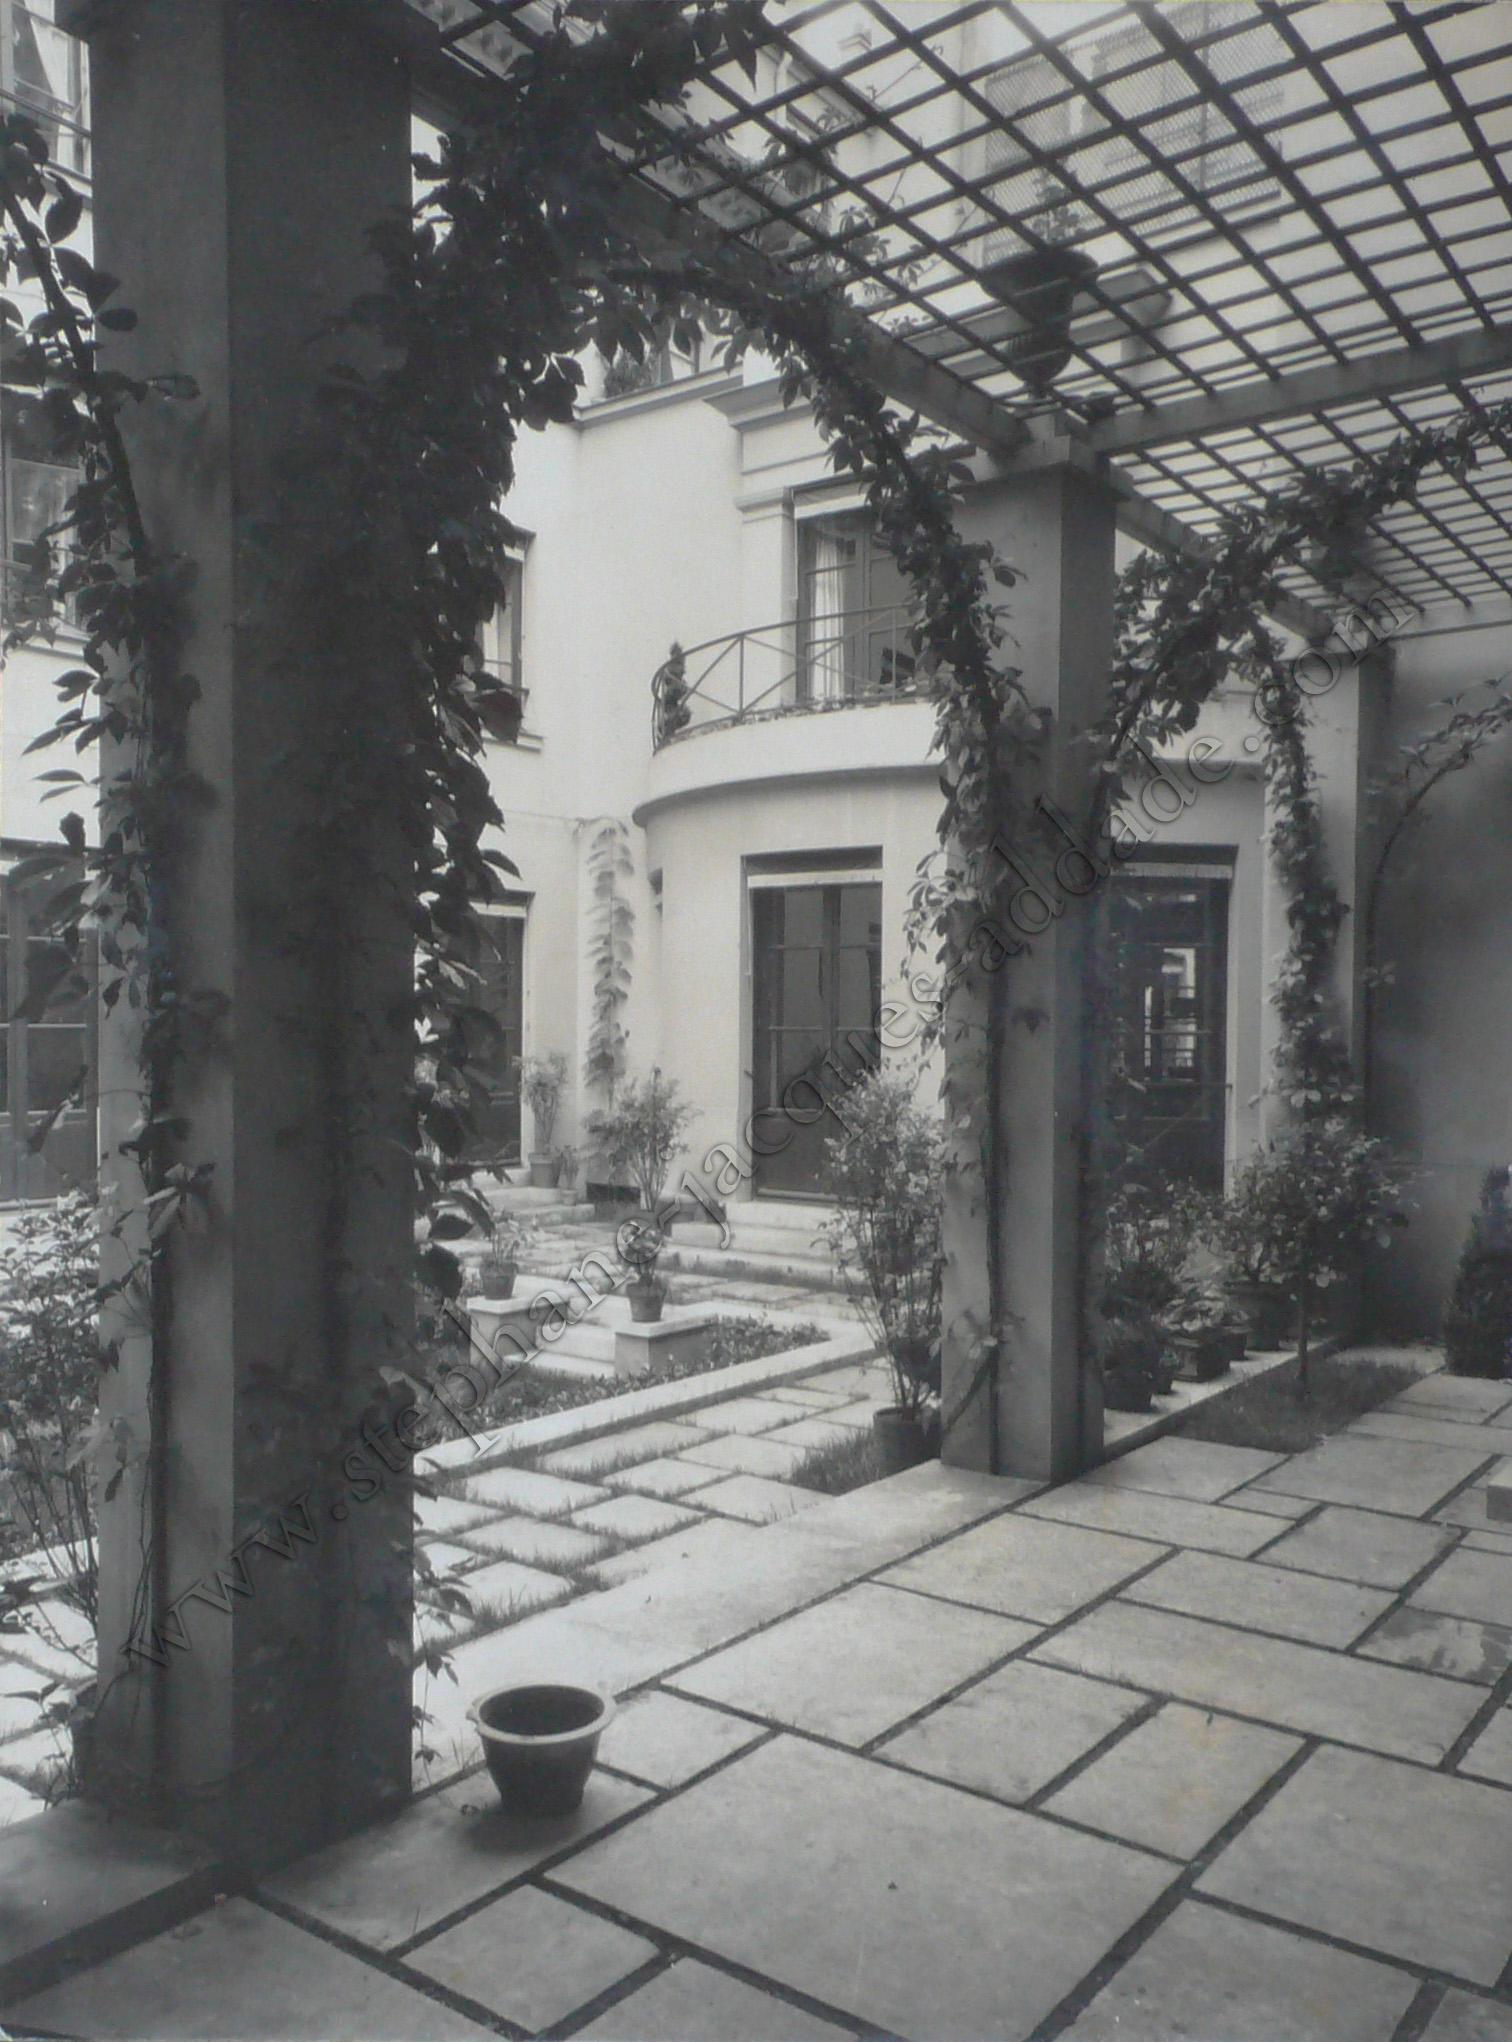 la sorbonne faaade catac nord de la. James E Abbe La Faade Ouest Vue De Pergola 1927 Sorbonne Faaade Catac Nord U